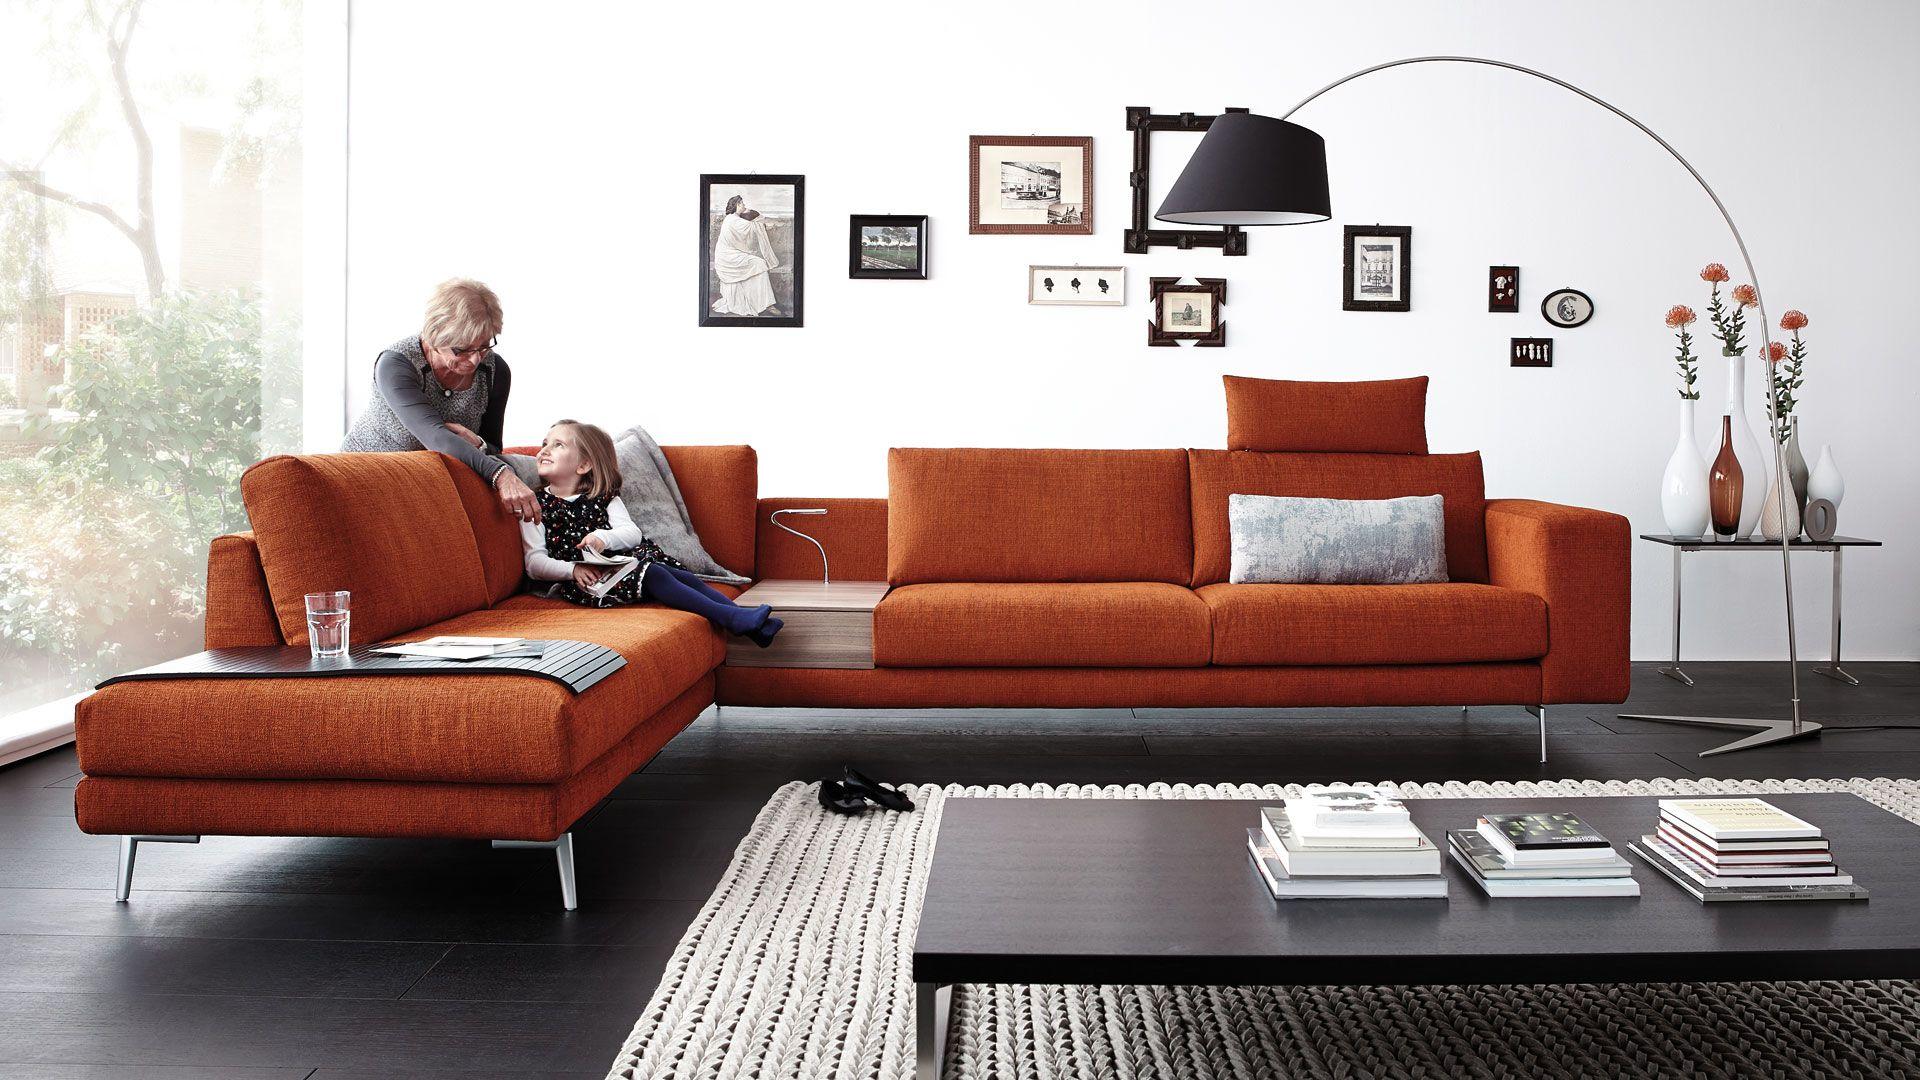 Omega Koinor Ideeen Voor Thuisdecoratie Interieur Wonen